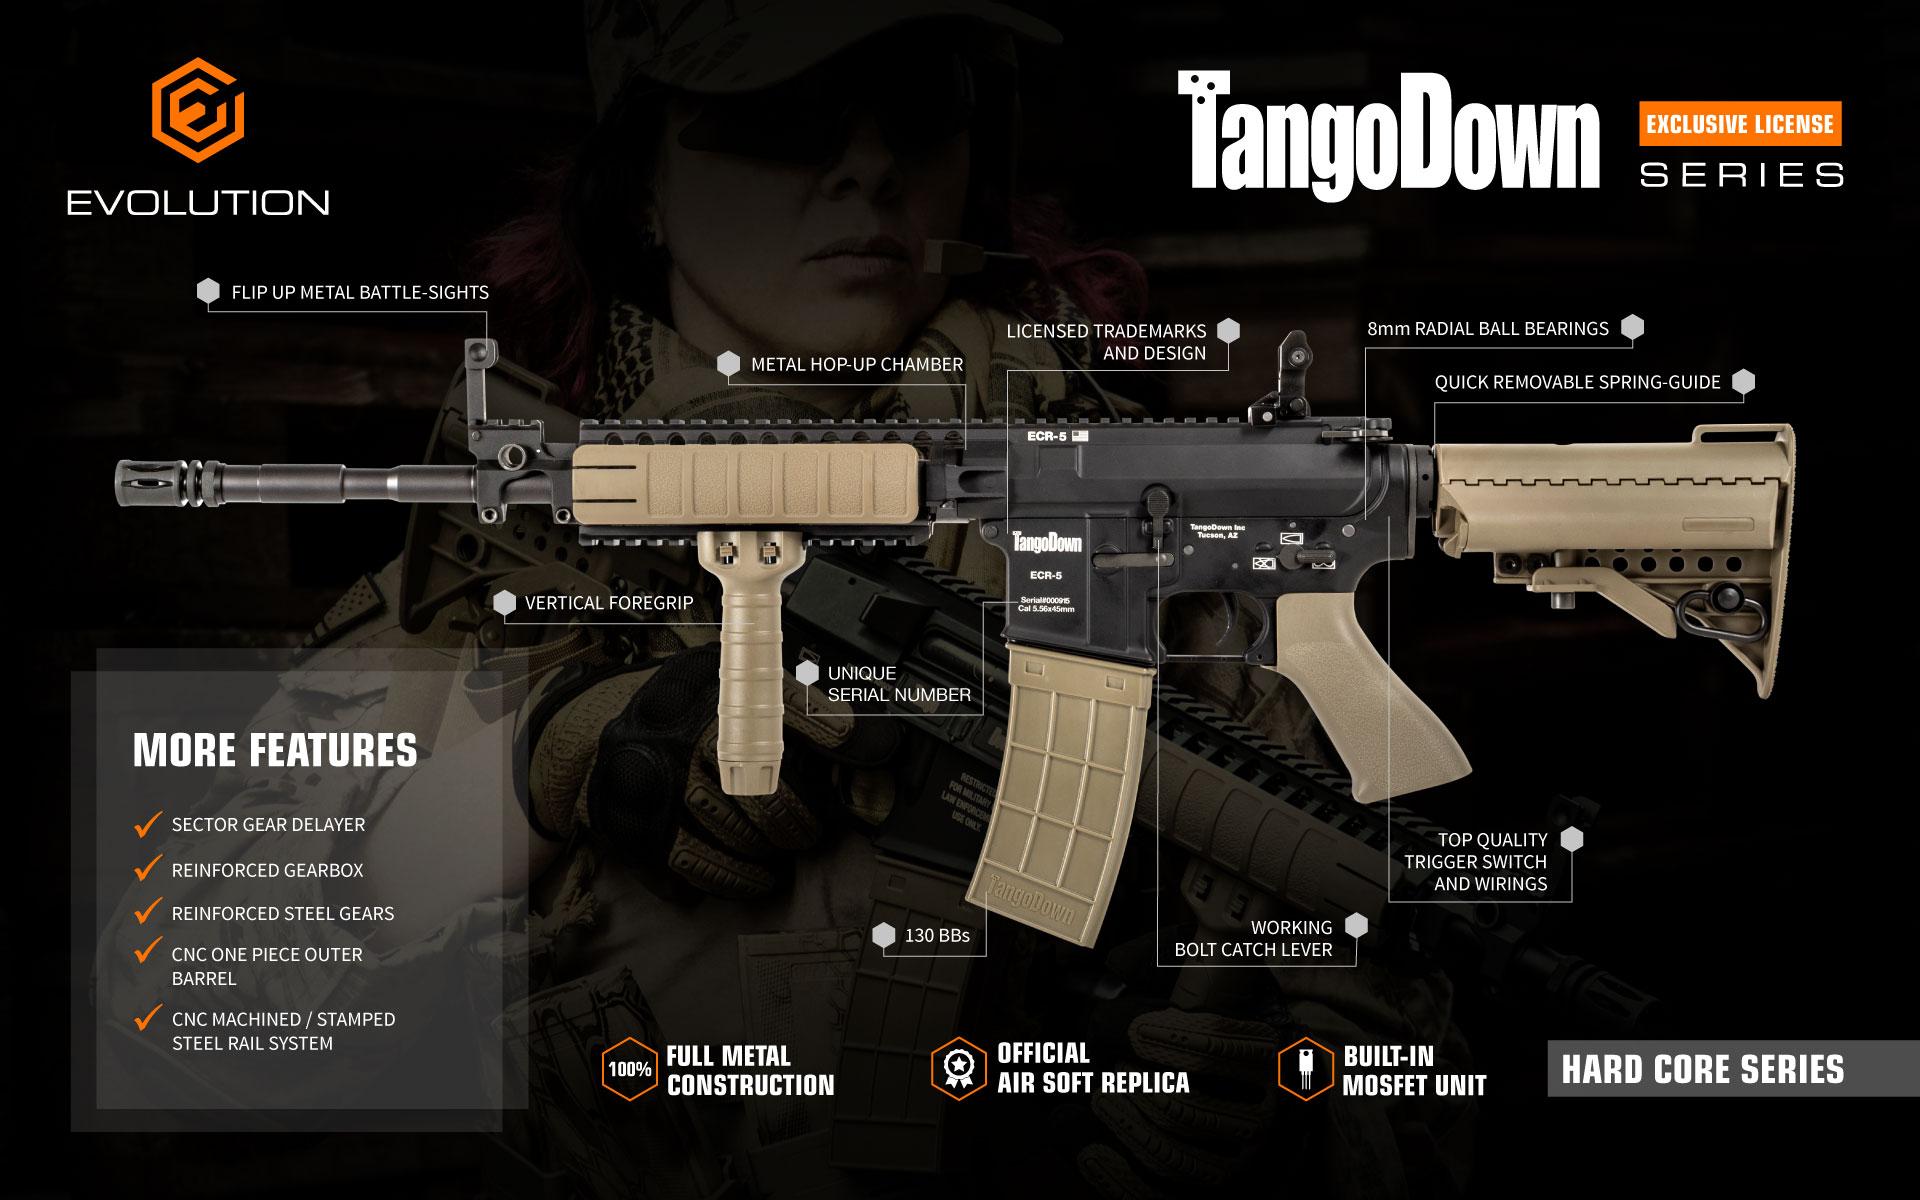 Evolution TangoDown air soft guns